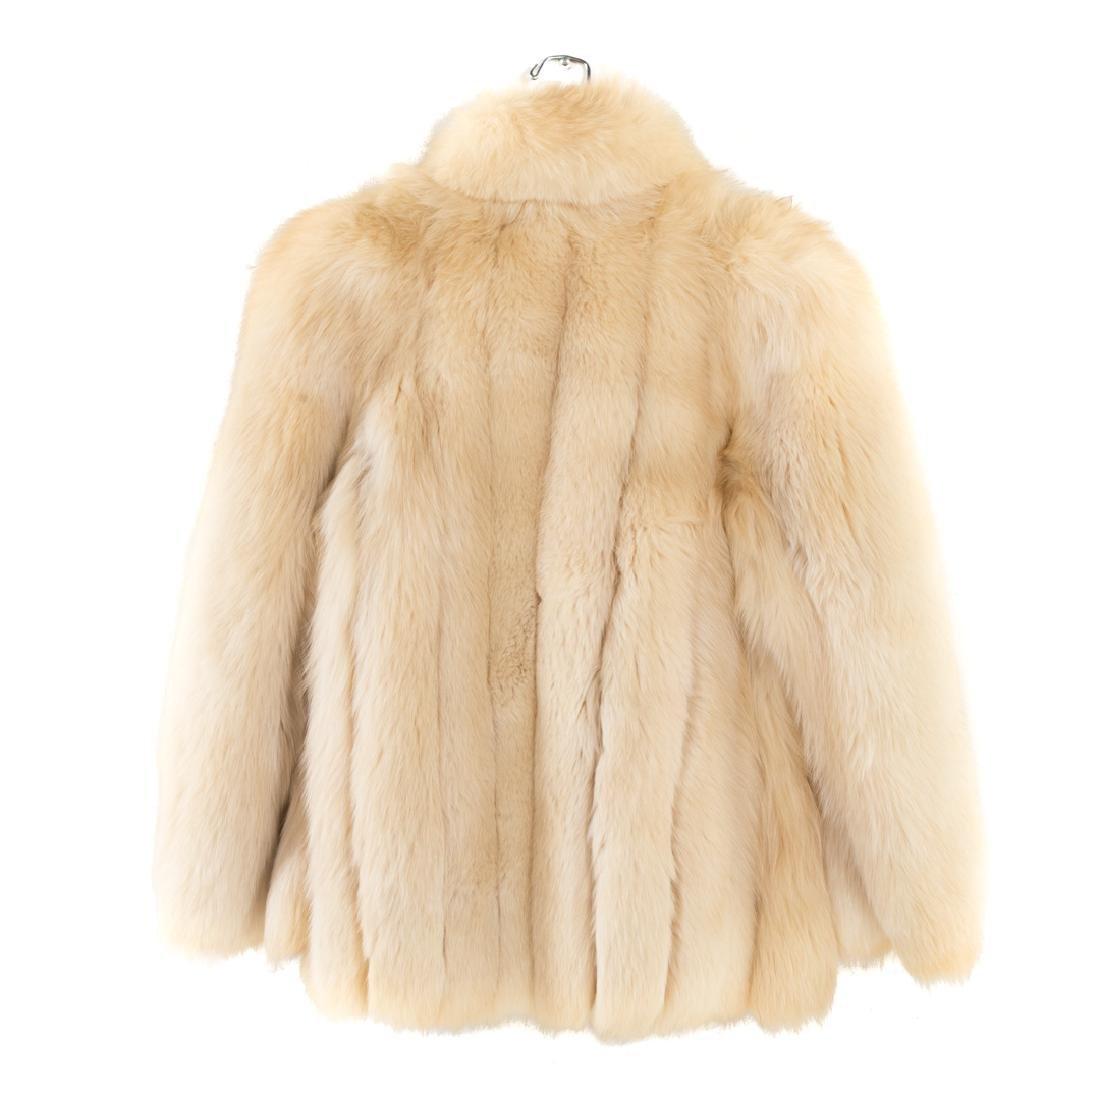 A Lady's Fur Jacket in Fox - 4